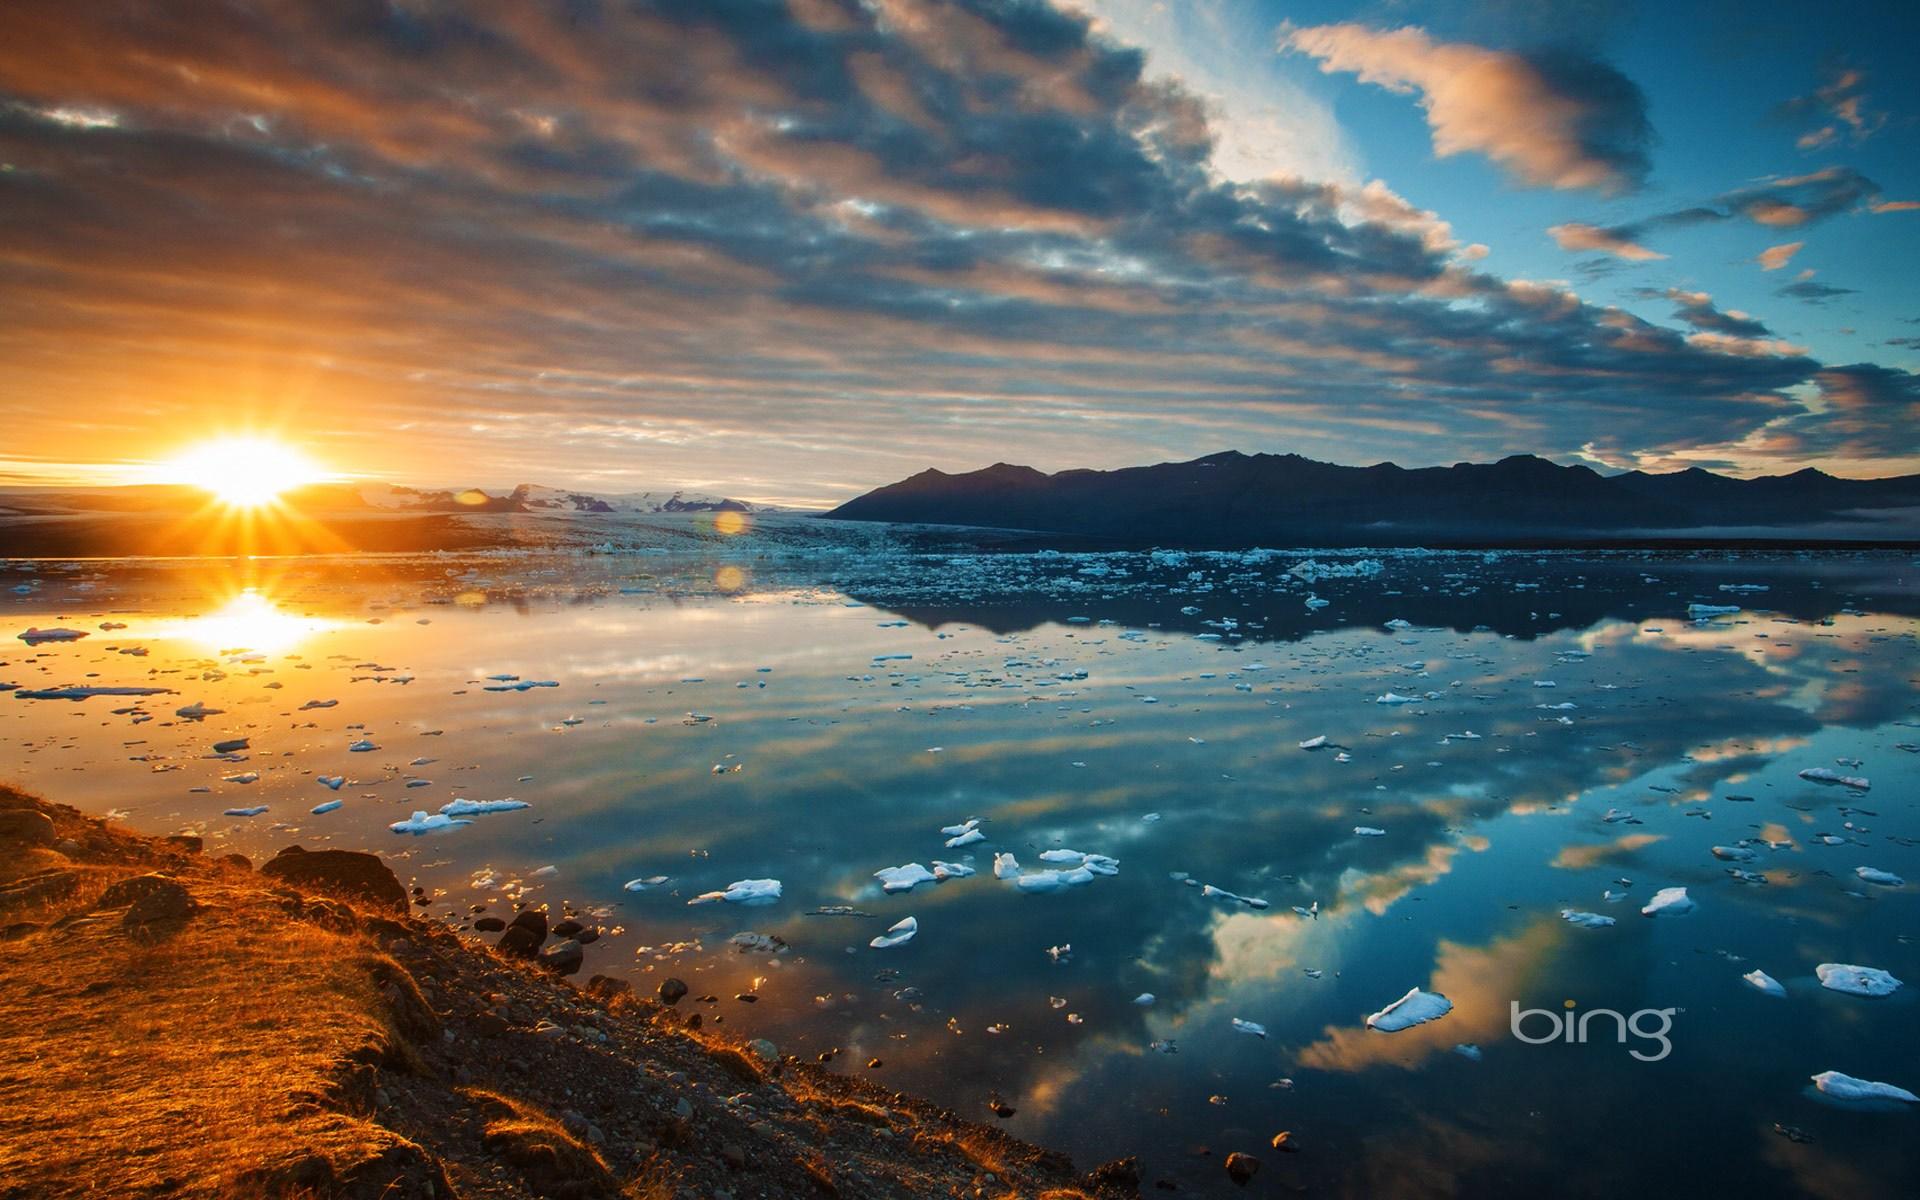 bing desktop wallpaper sunset - photo #9